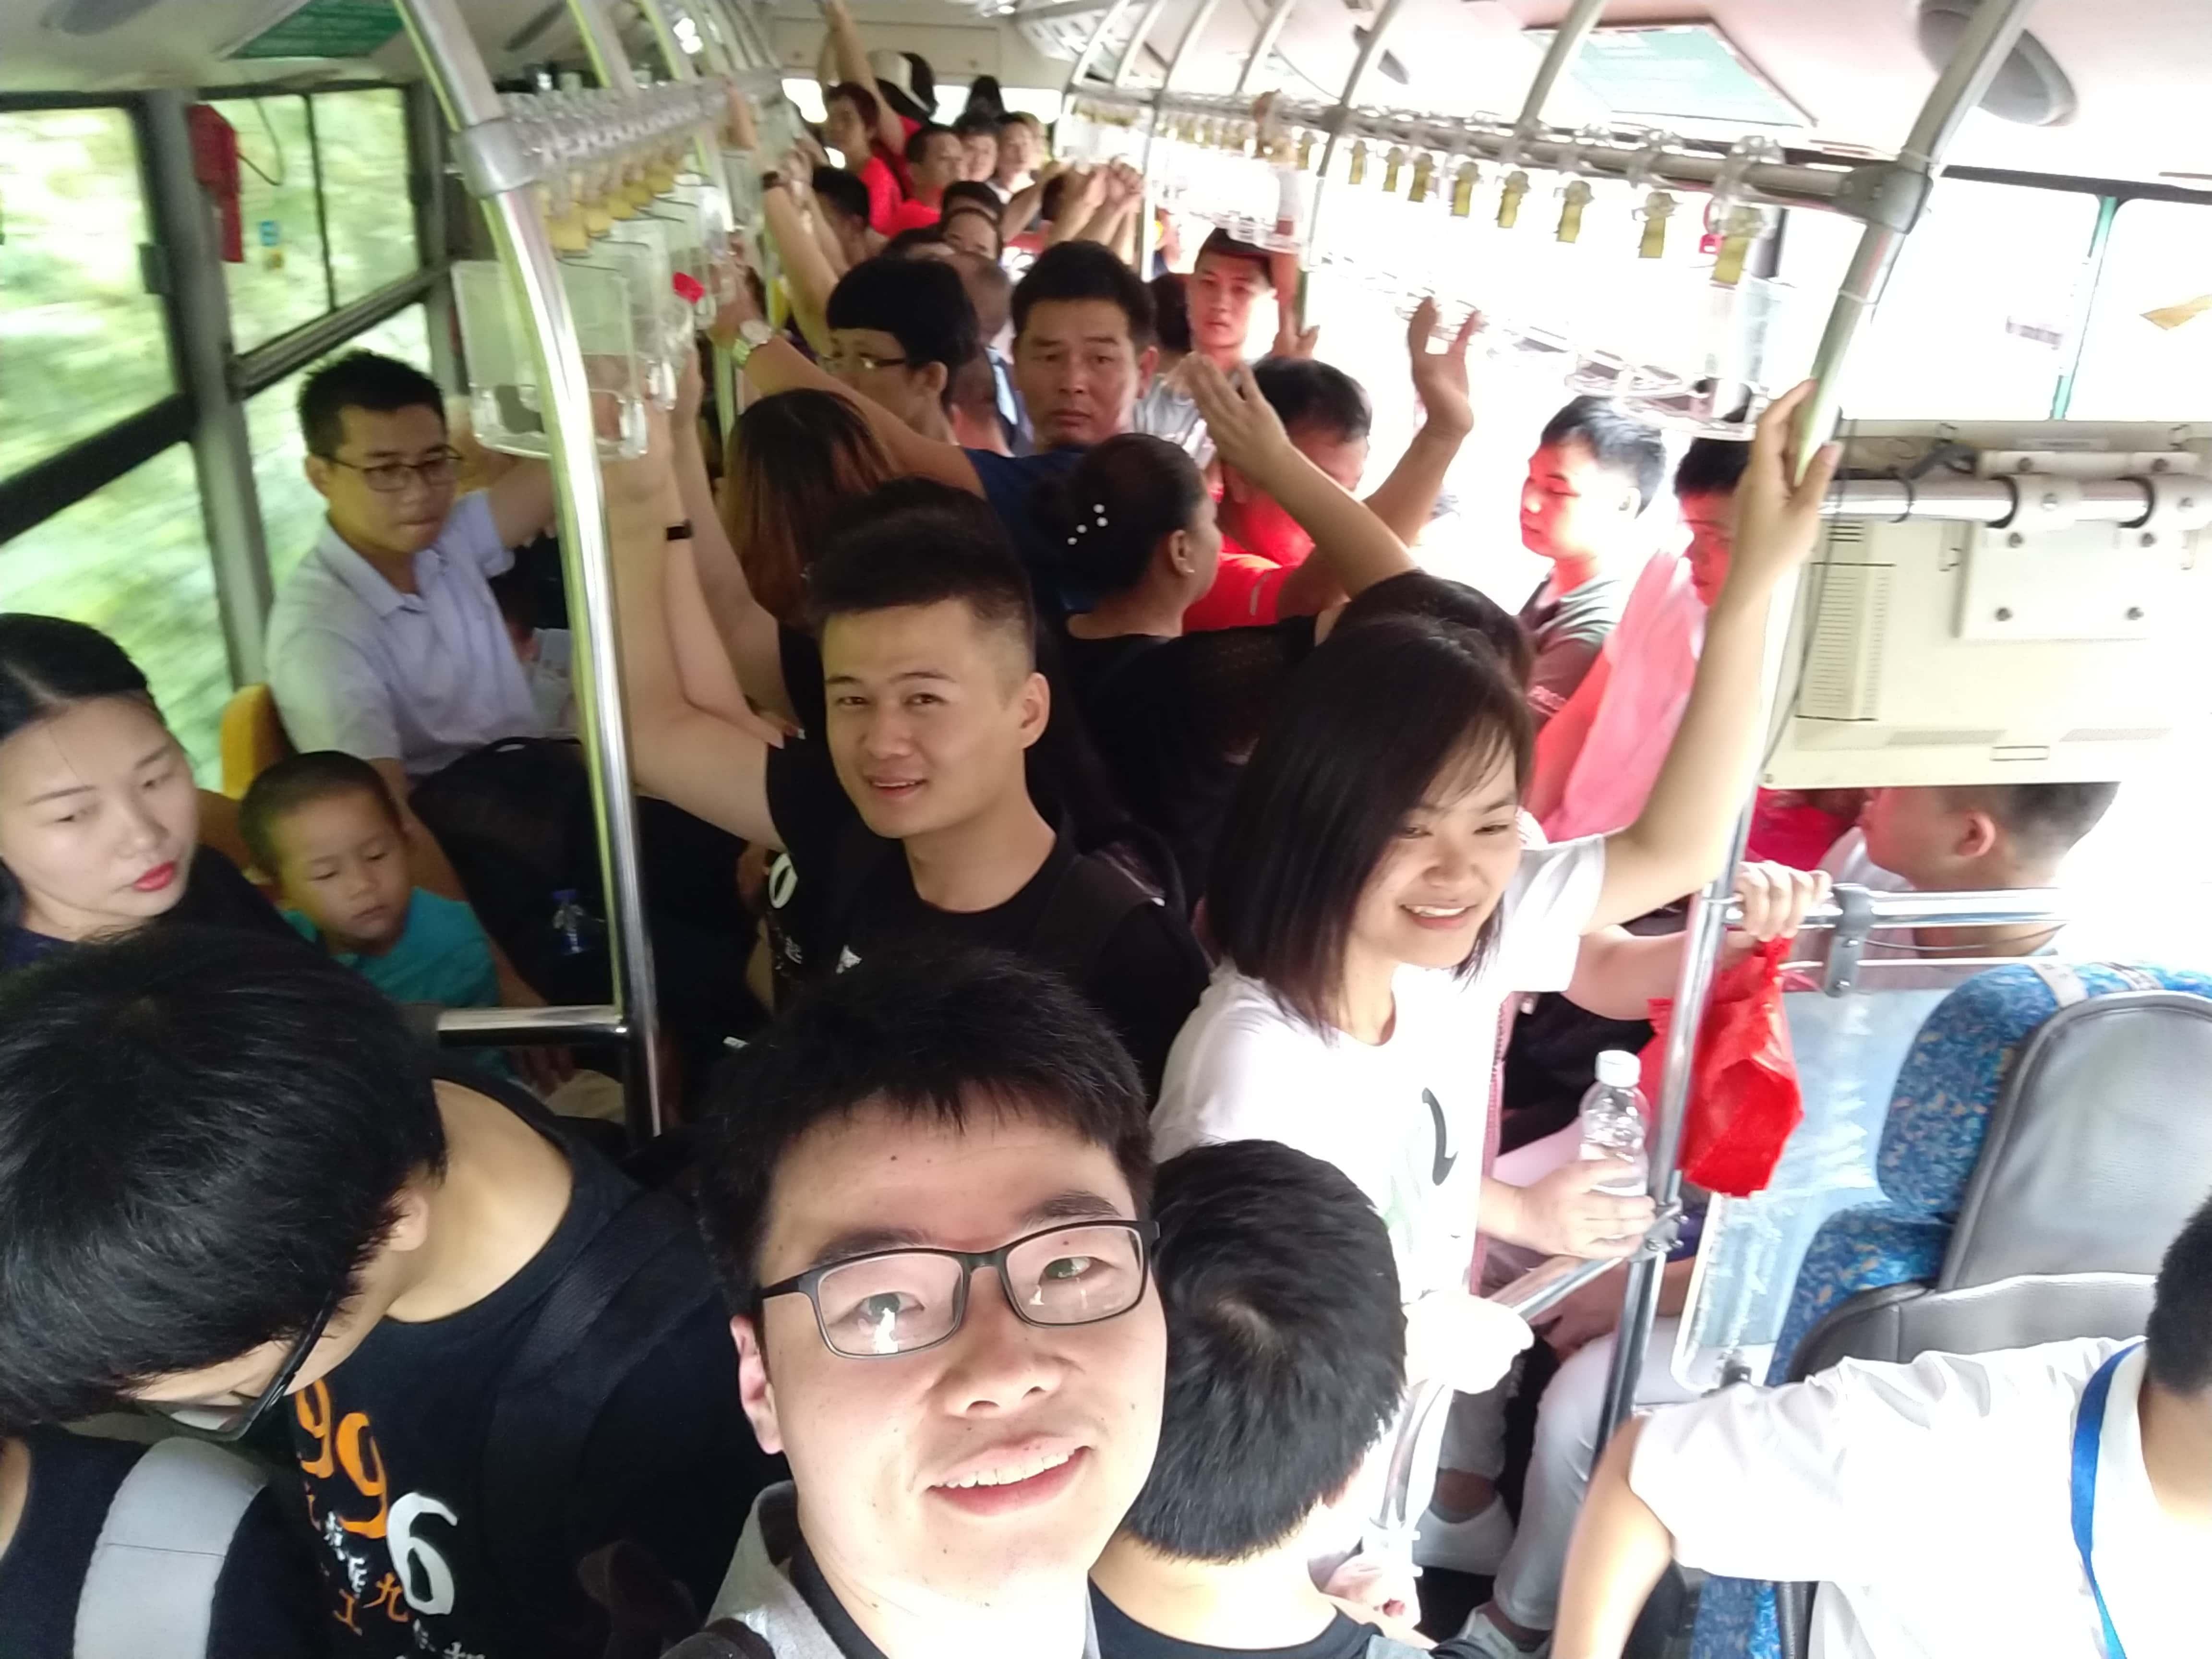 挤山上的公交车